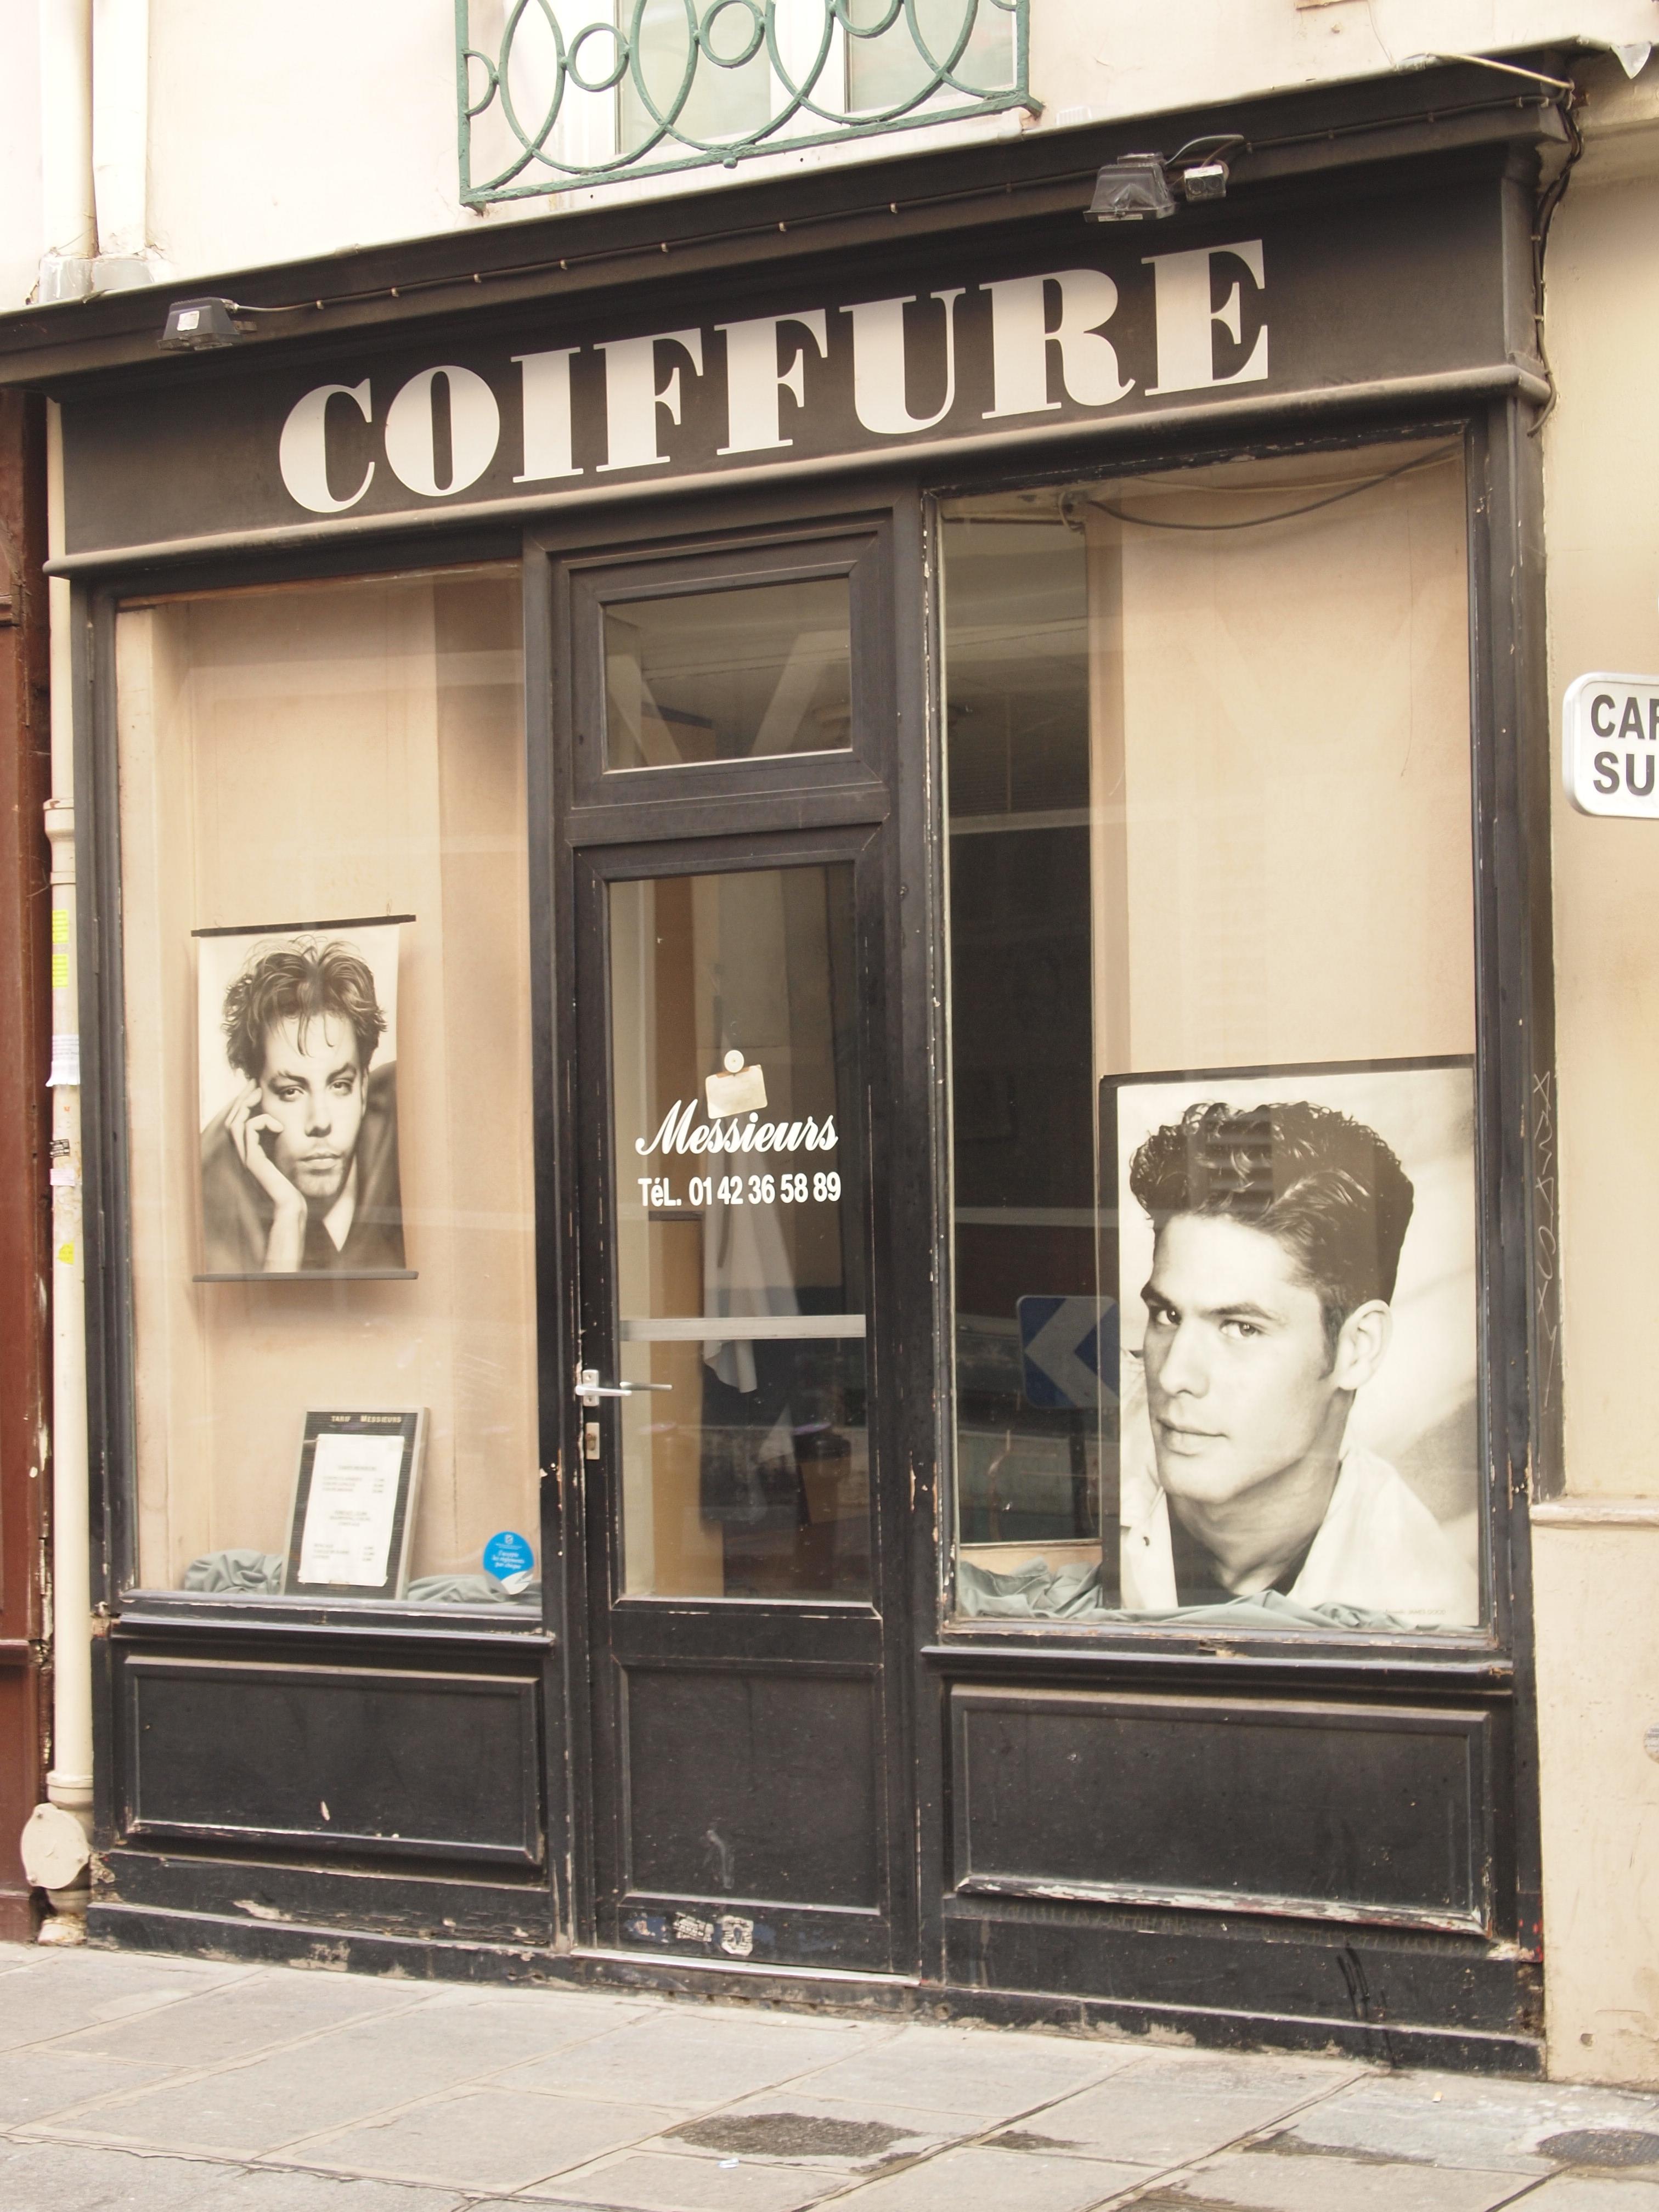 Caf coiffure paris coiffures la mode de la saison 2017 - Salon de coiffure blois ...